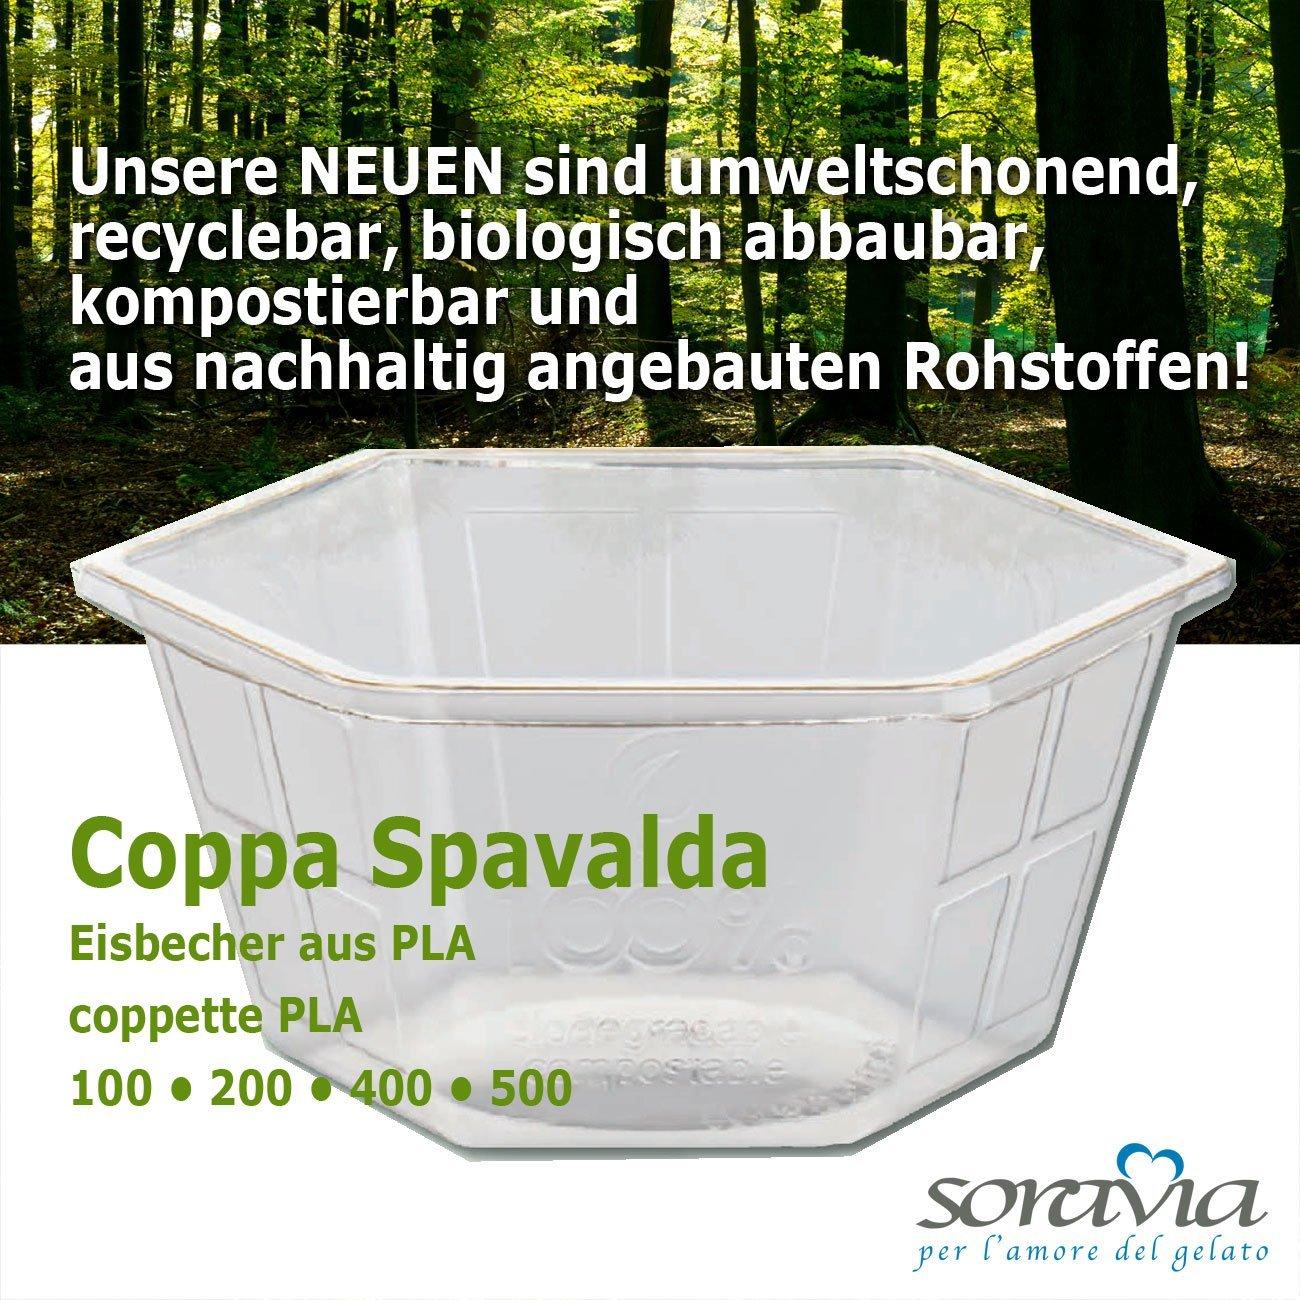 Coppa Spavalda 200 PLA - box 1600 pieces - Ice cup Bio-Plastic - coppa bio-plastica PLA